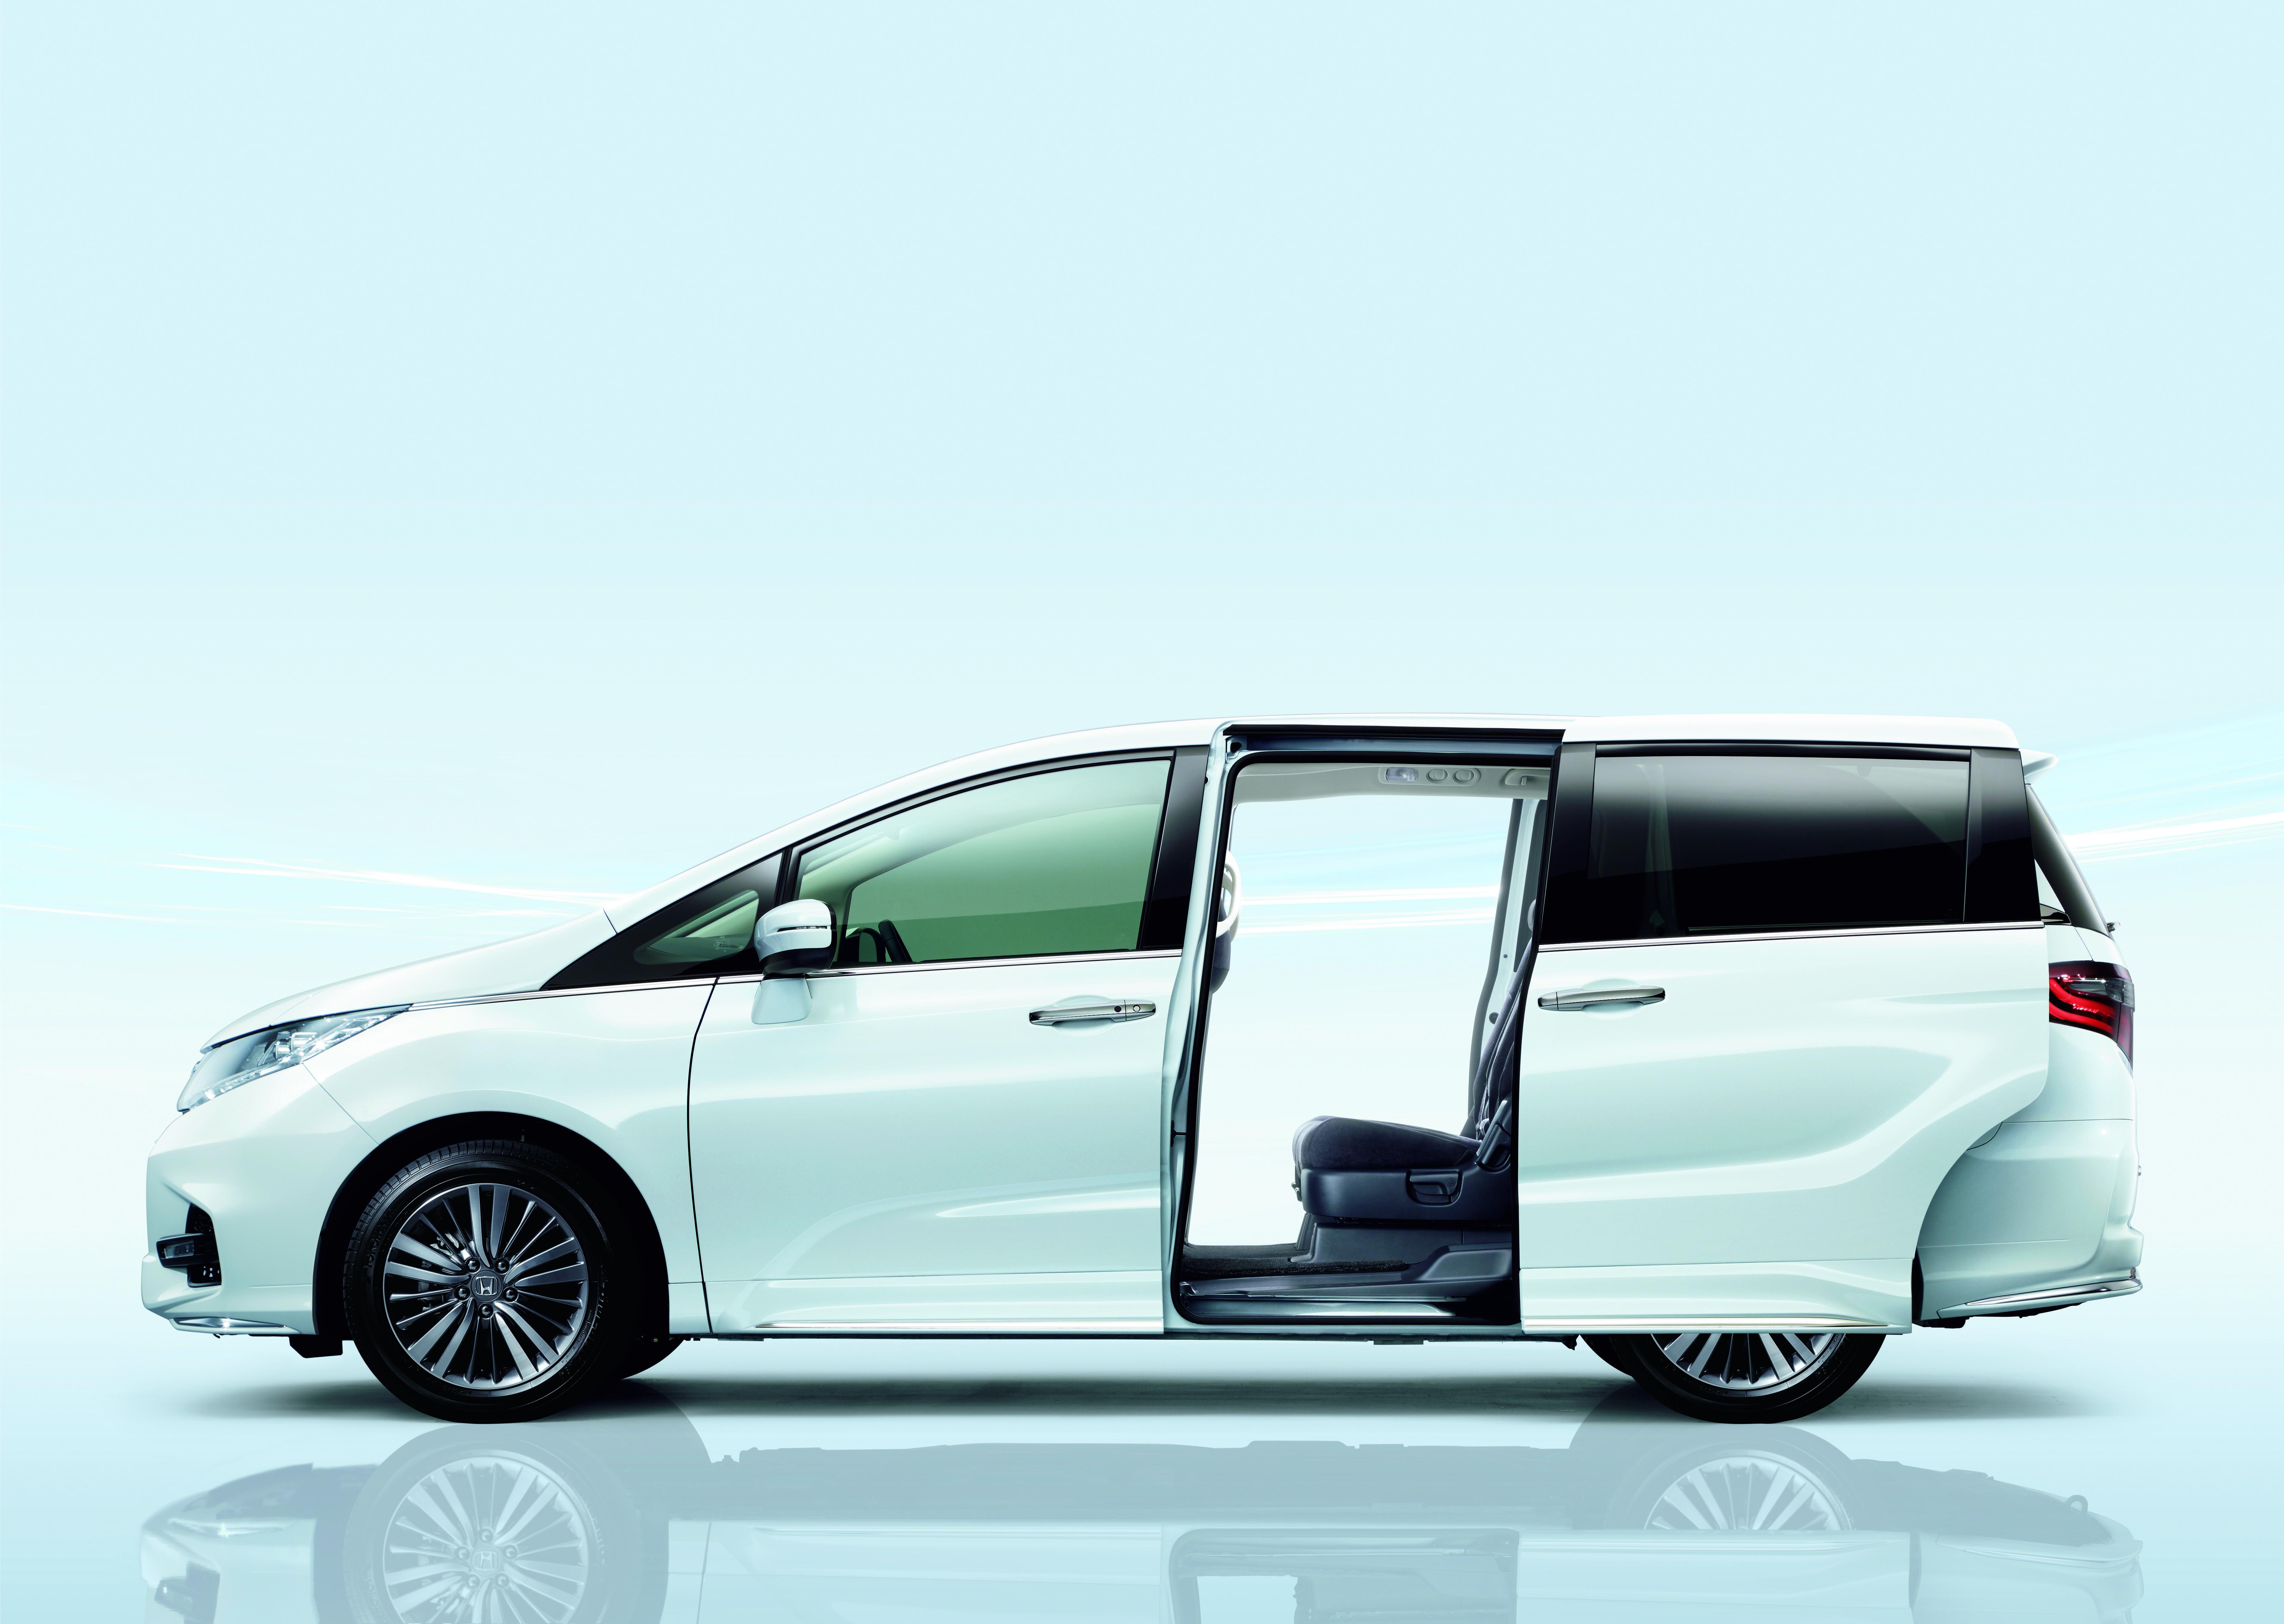 網上流傳Honda Odyssey即將大改款情報澄清說明